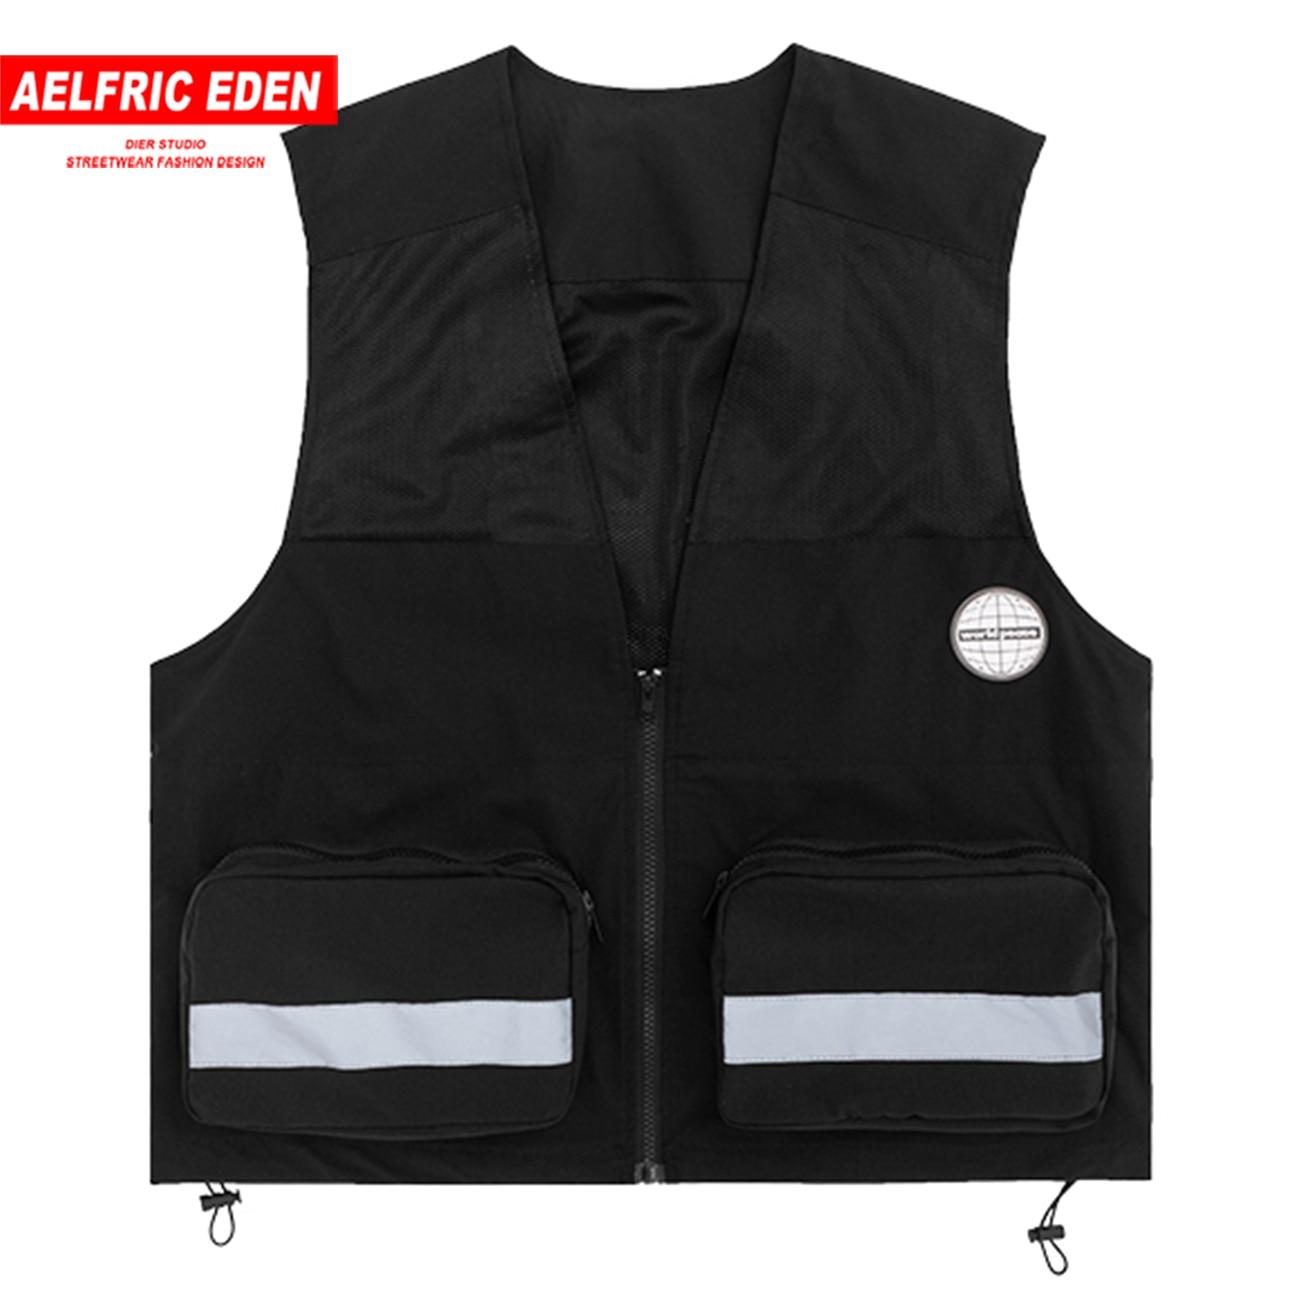 Aelfric Eden Hip Hop 3M reflectante Cargo chalecos hombres 2020 Streetwear bolsillos de almazuela táctico monos moda sin mangas abrigos